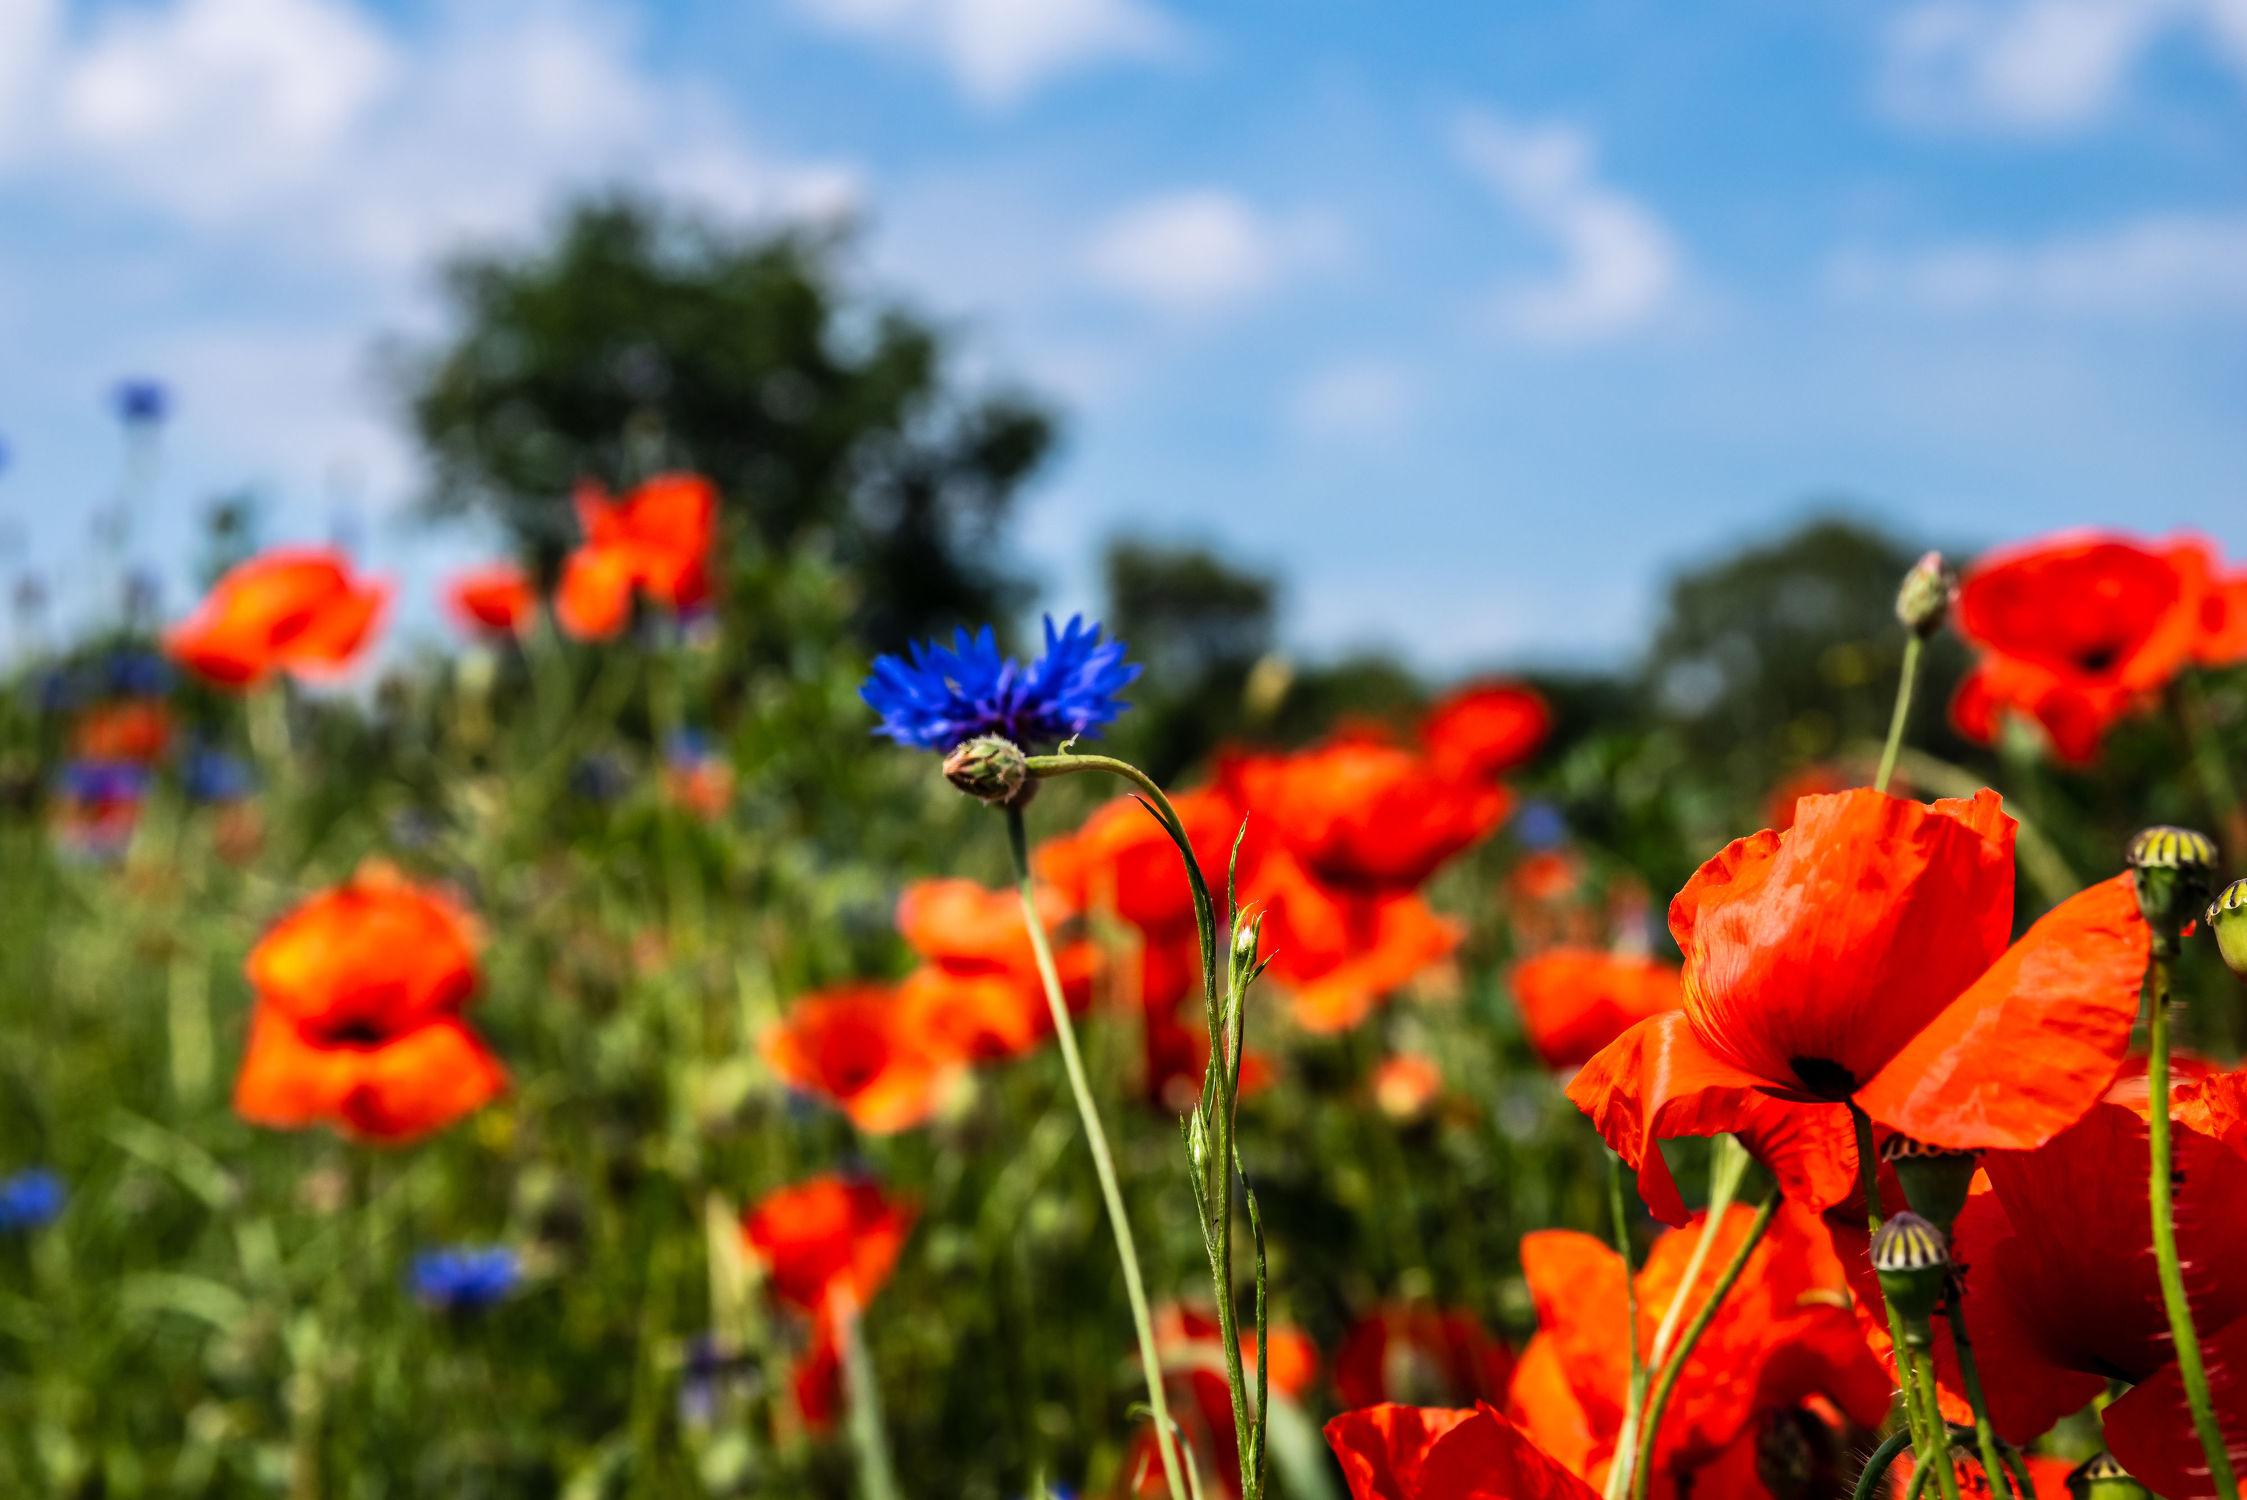 Bild mit Natur, Grün, Pflanzen, Gräser, Jahreszeiten, Rot, Blau, Sommer, Mohn, Kräuter, Landschaft, Mohnblume, Klatschmohn, Wiese, Licht, Feld, landwirtschaft, Schatten, Kornblumen